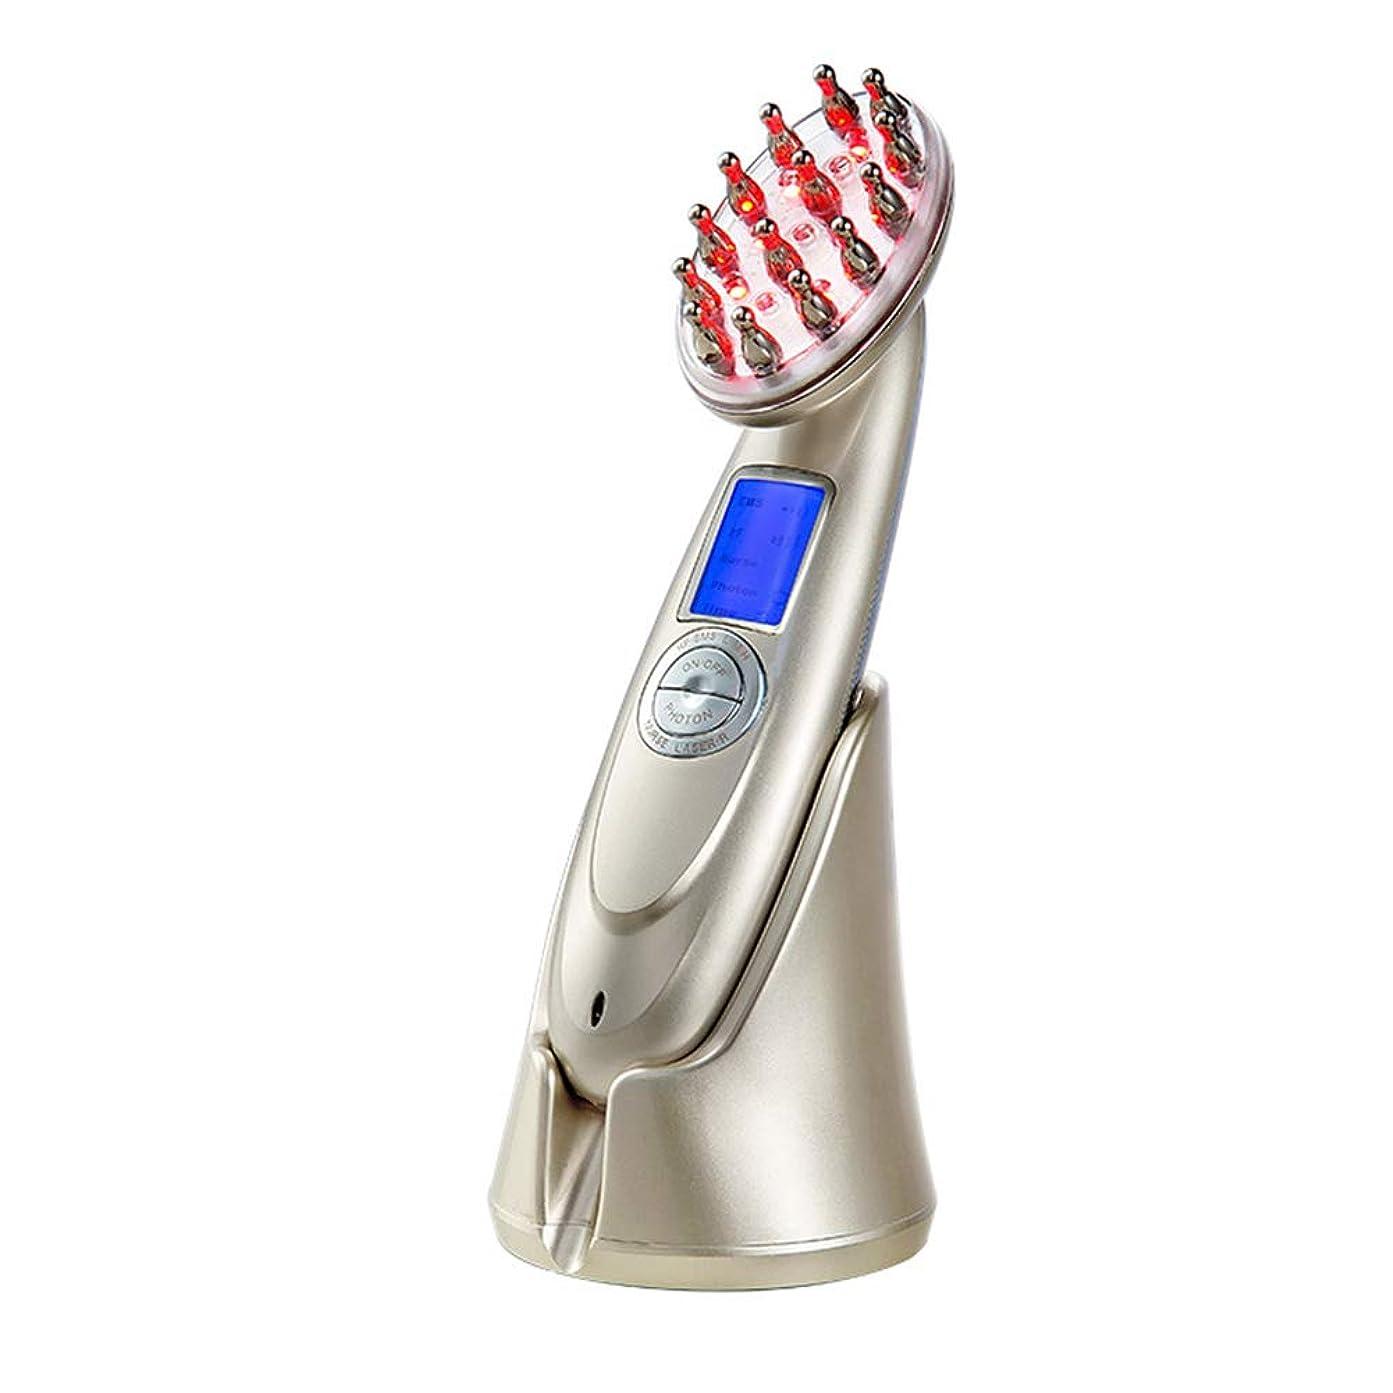 北西かなり剃る高出力レーザーマッサージ櫛ソフトレーザーRF RF EMS電気楽器マッサージヘッド抗抜け毛防止器具